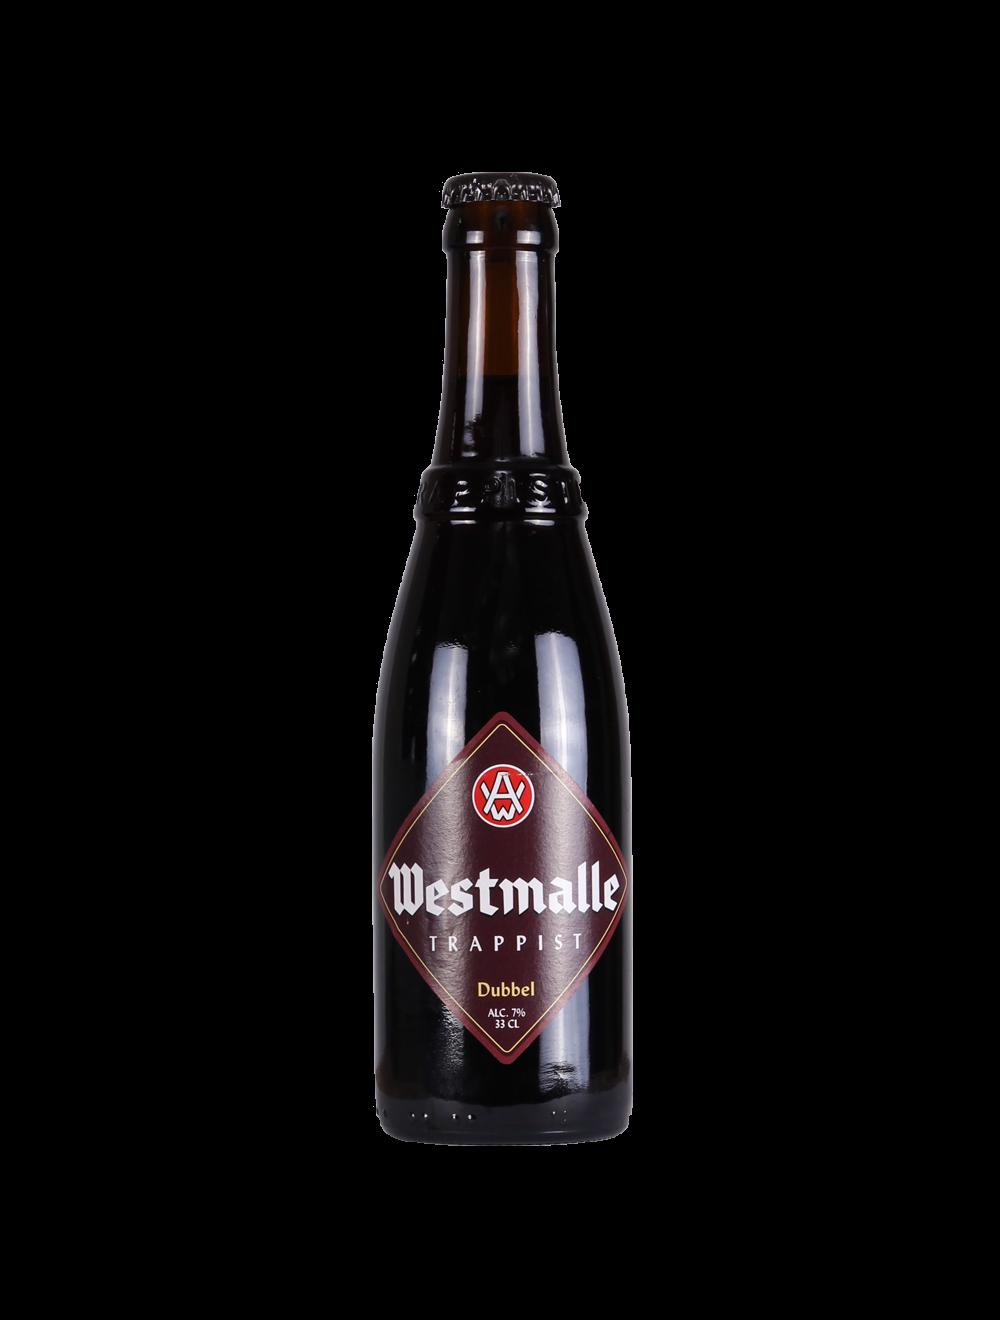 Westmalle Dubbel   Belgian Trappist Dubbel 7% 330ml